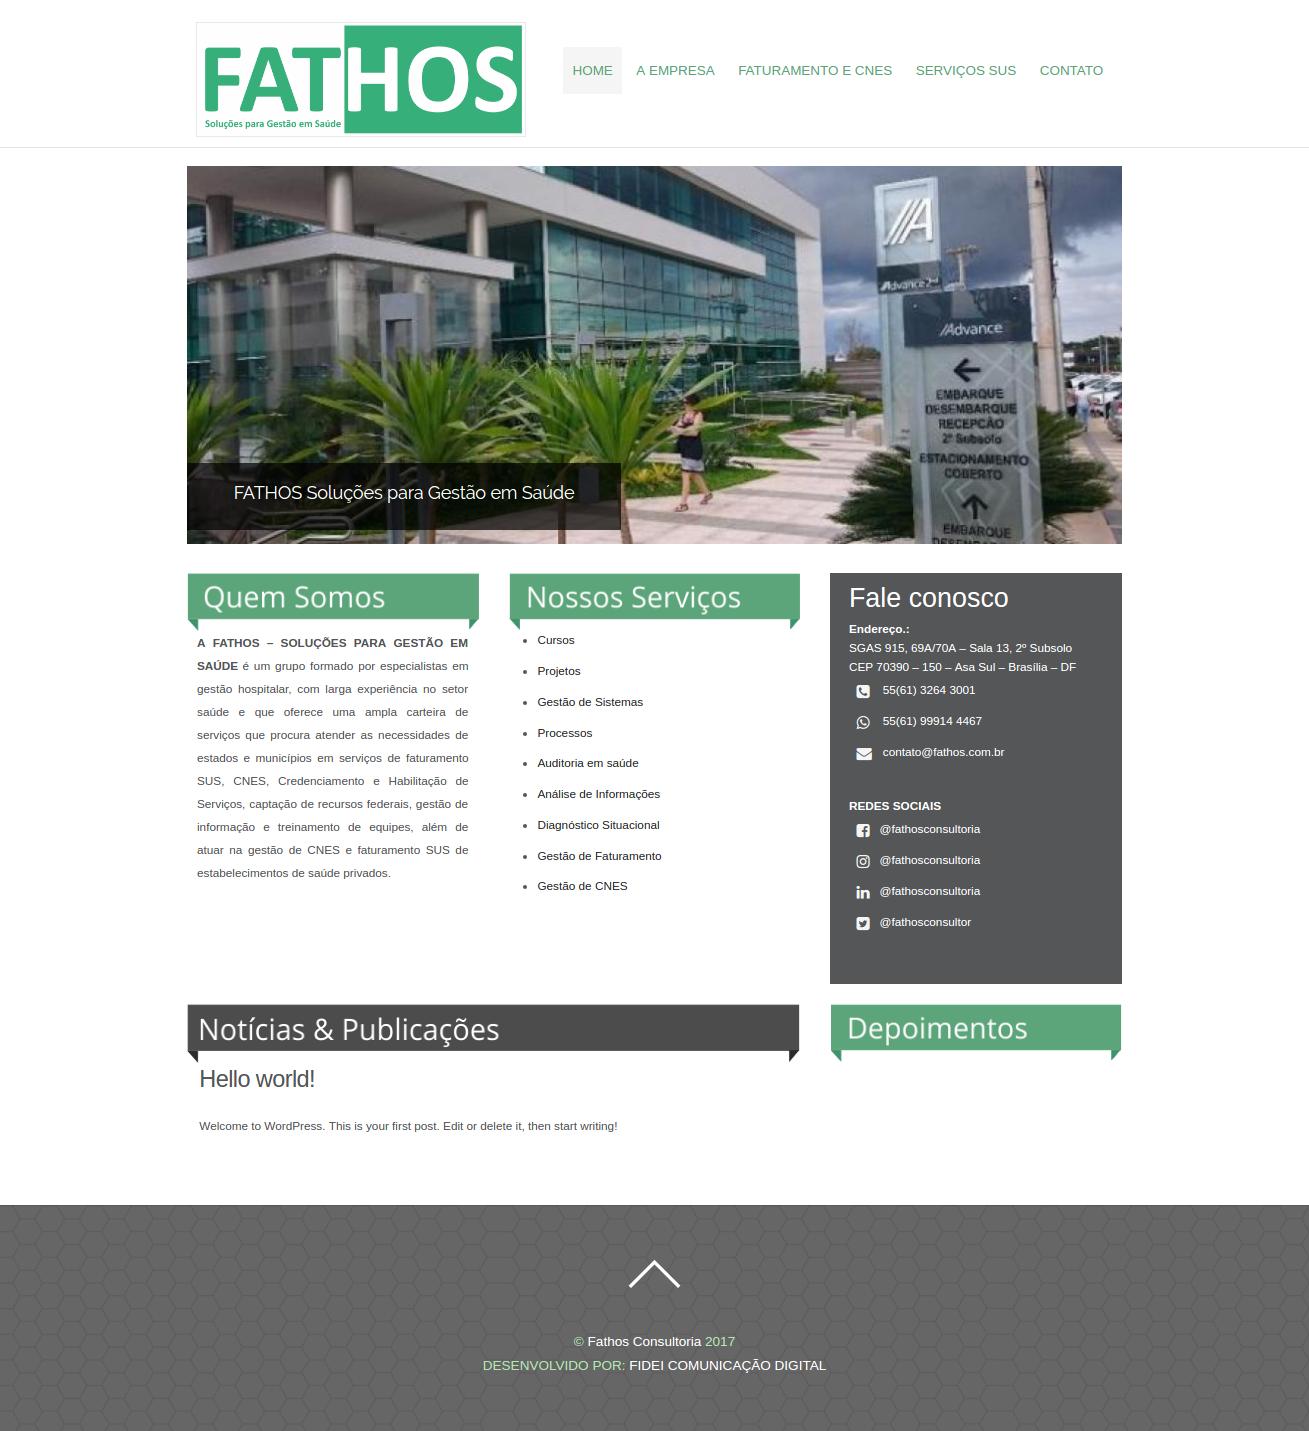 Fathos